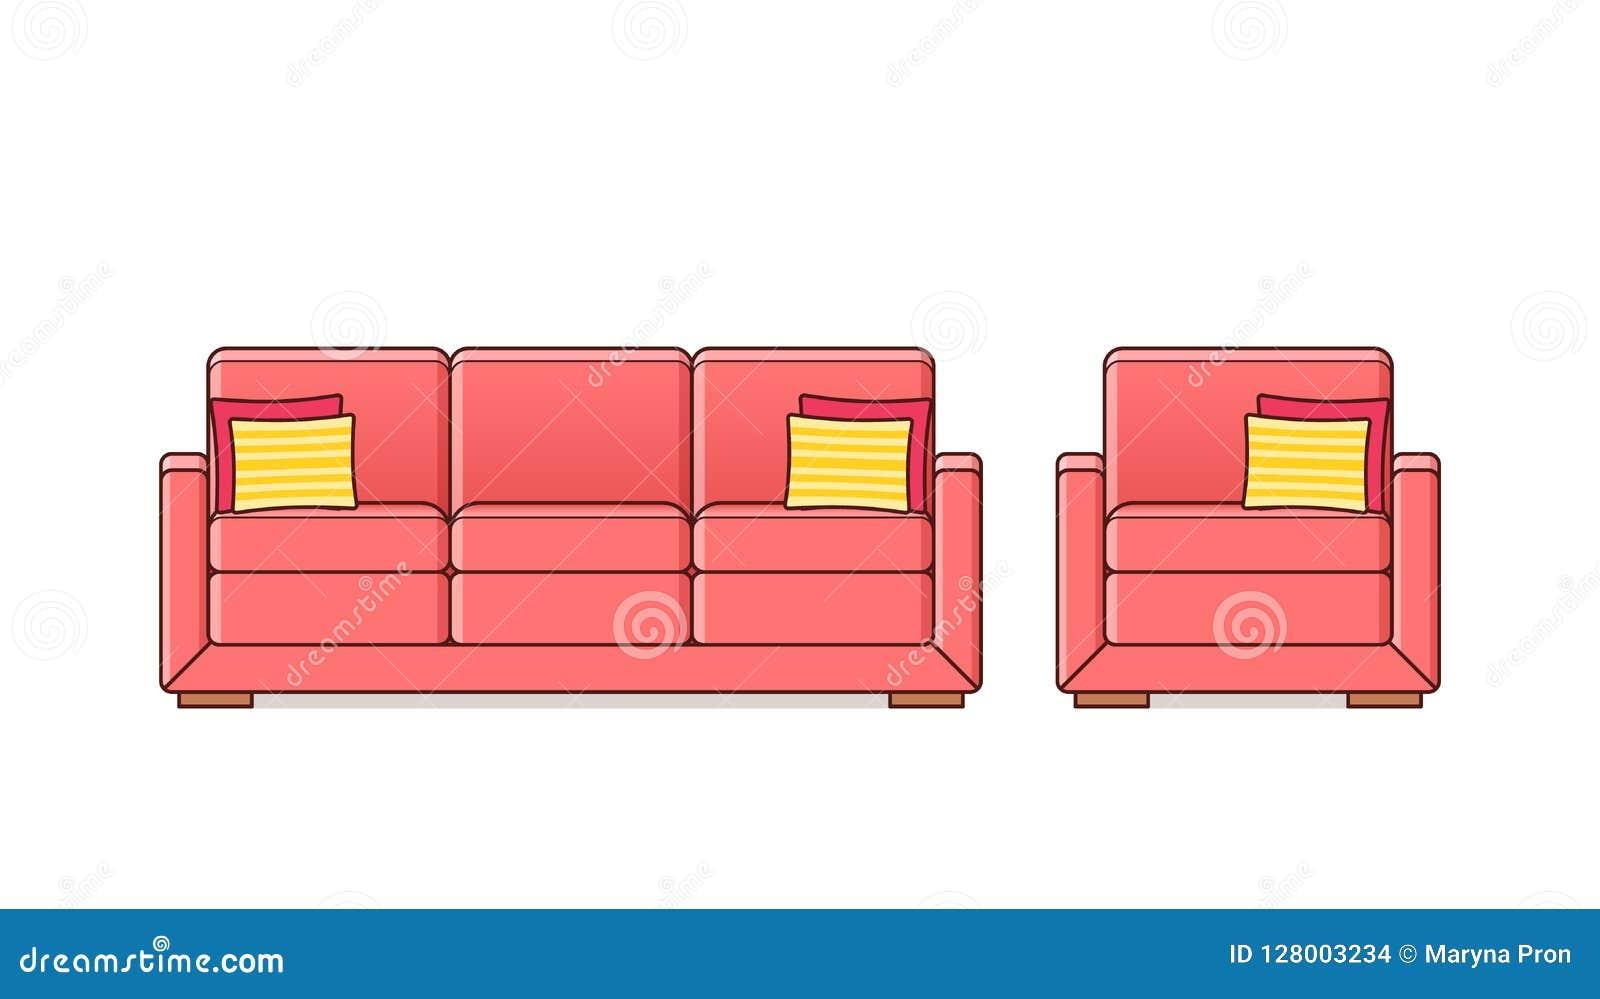 Софа, кресло, значок кресла Иллюстрация плана вектора